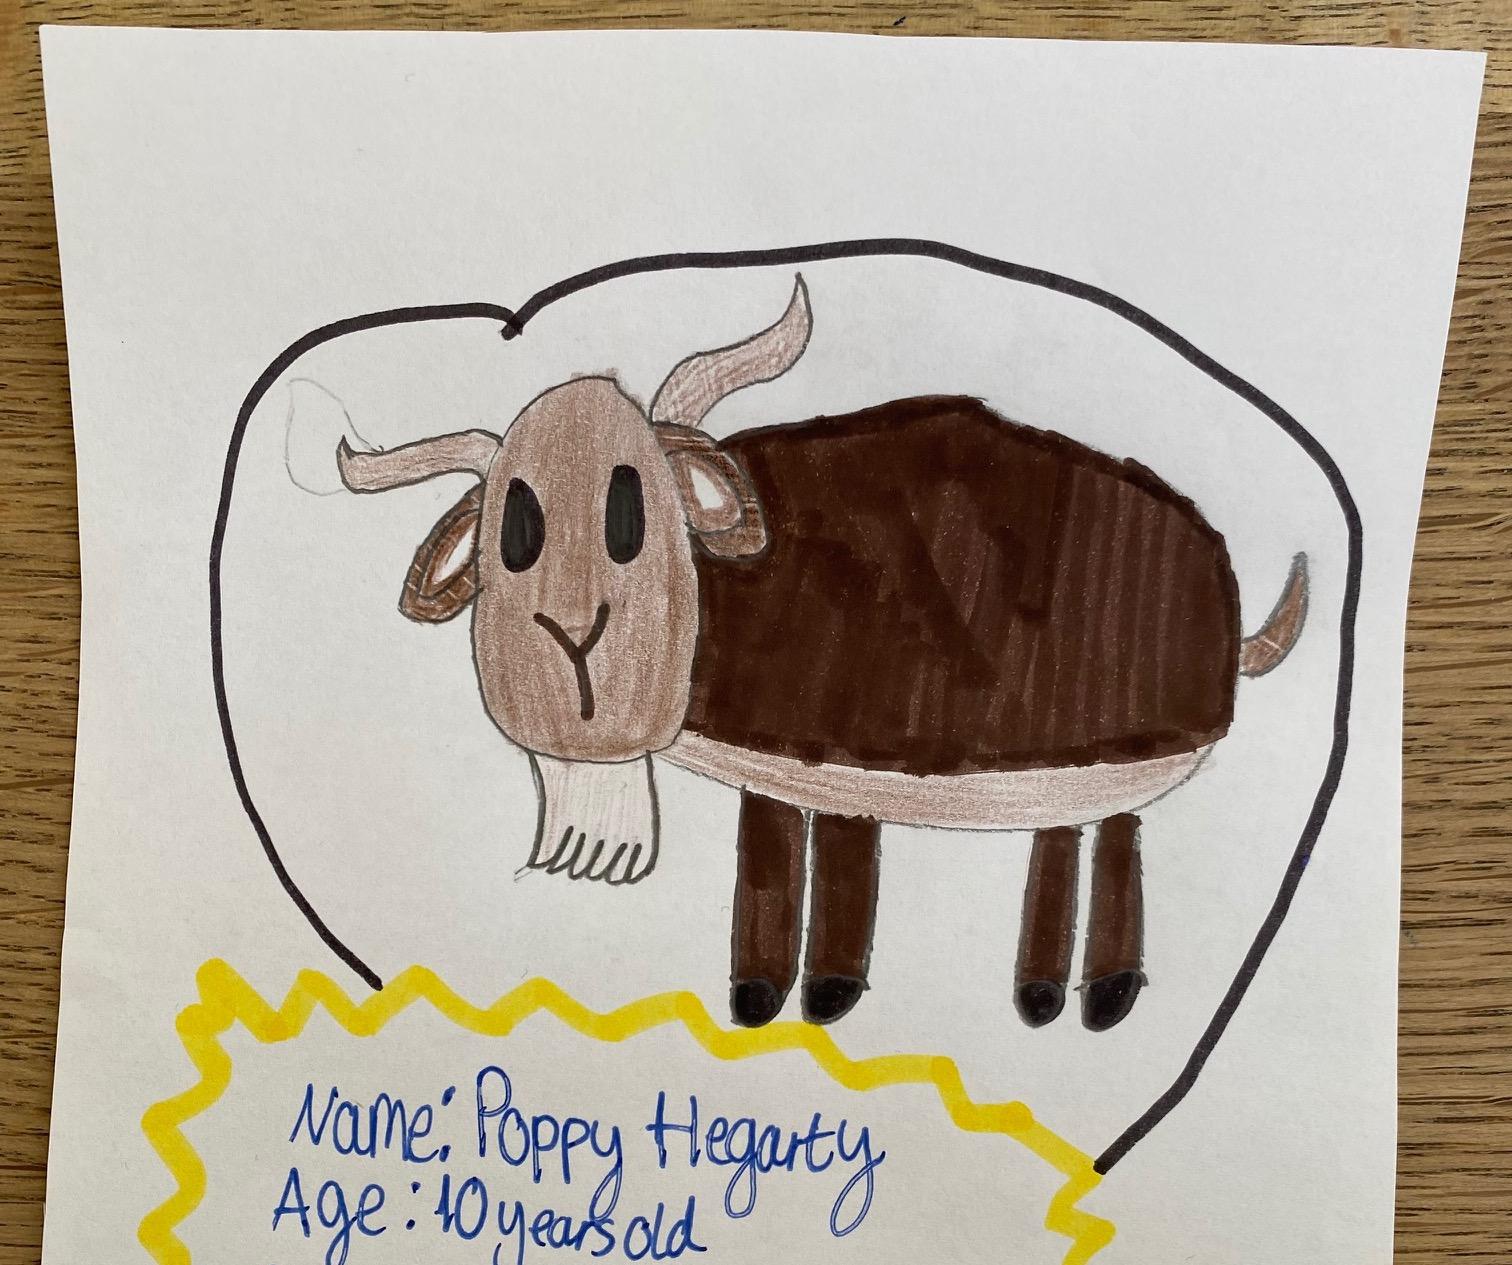 Poppy Hegarty, Age 10